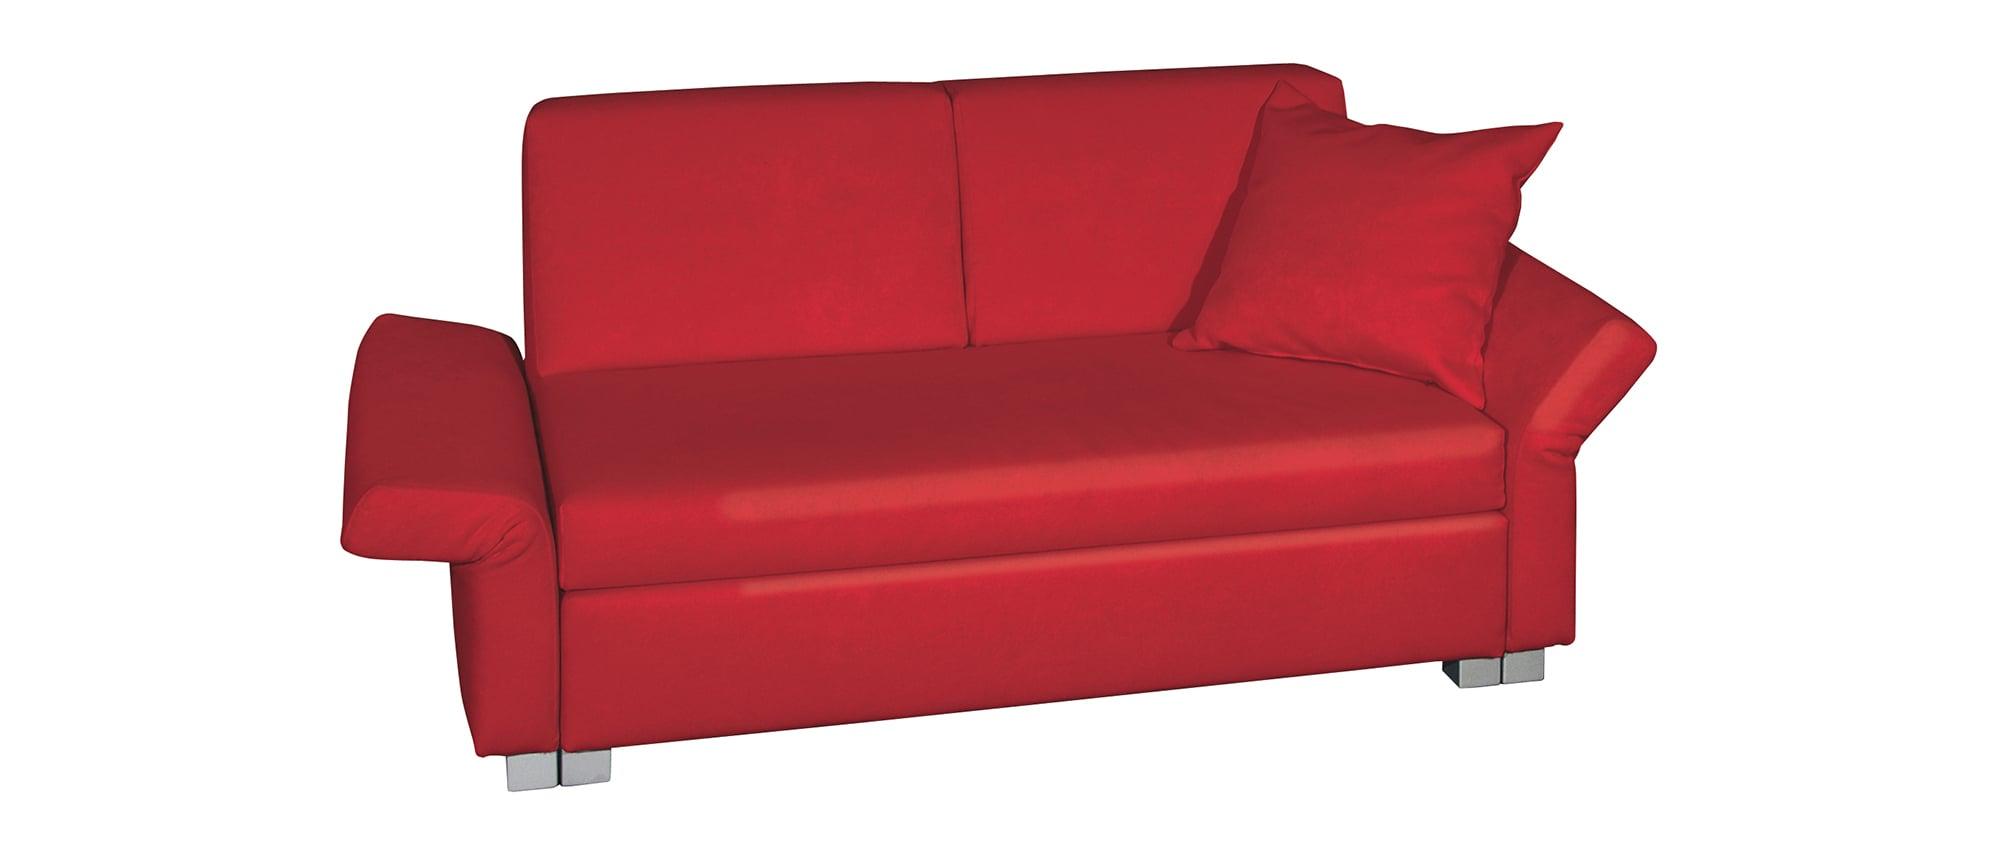 Schlafsofa MINNIE von Franz Fertig mit klappbaren Armlehnen. Sofa mit Bettfunktion. Sofa in rot.